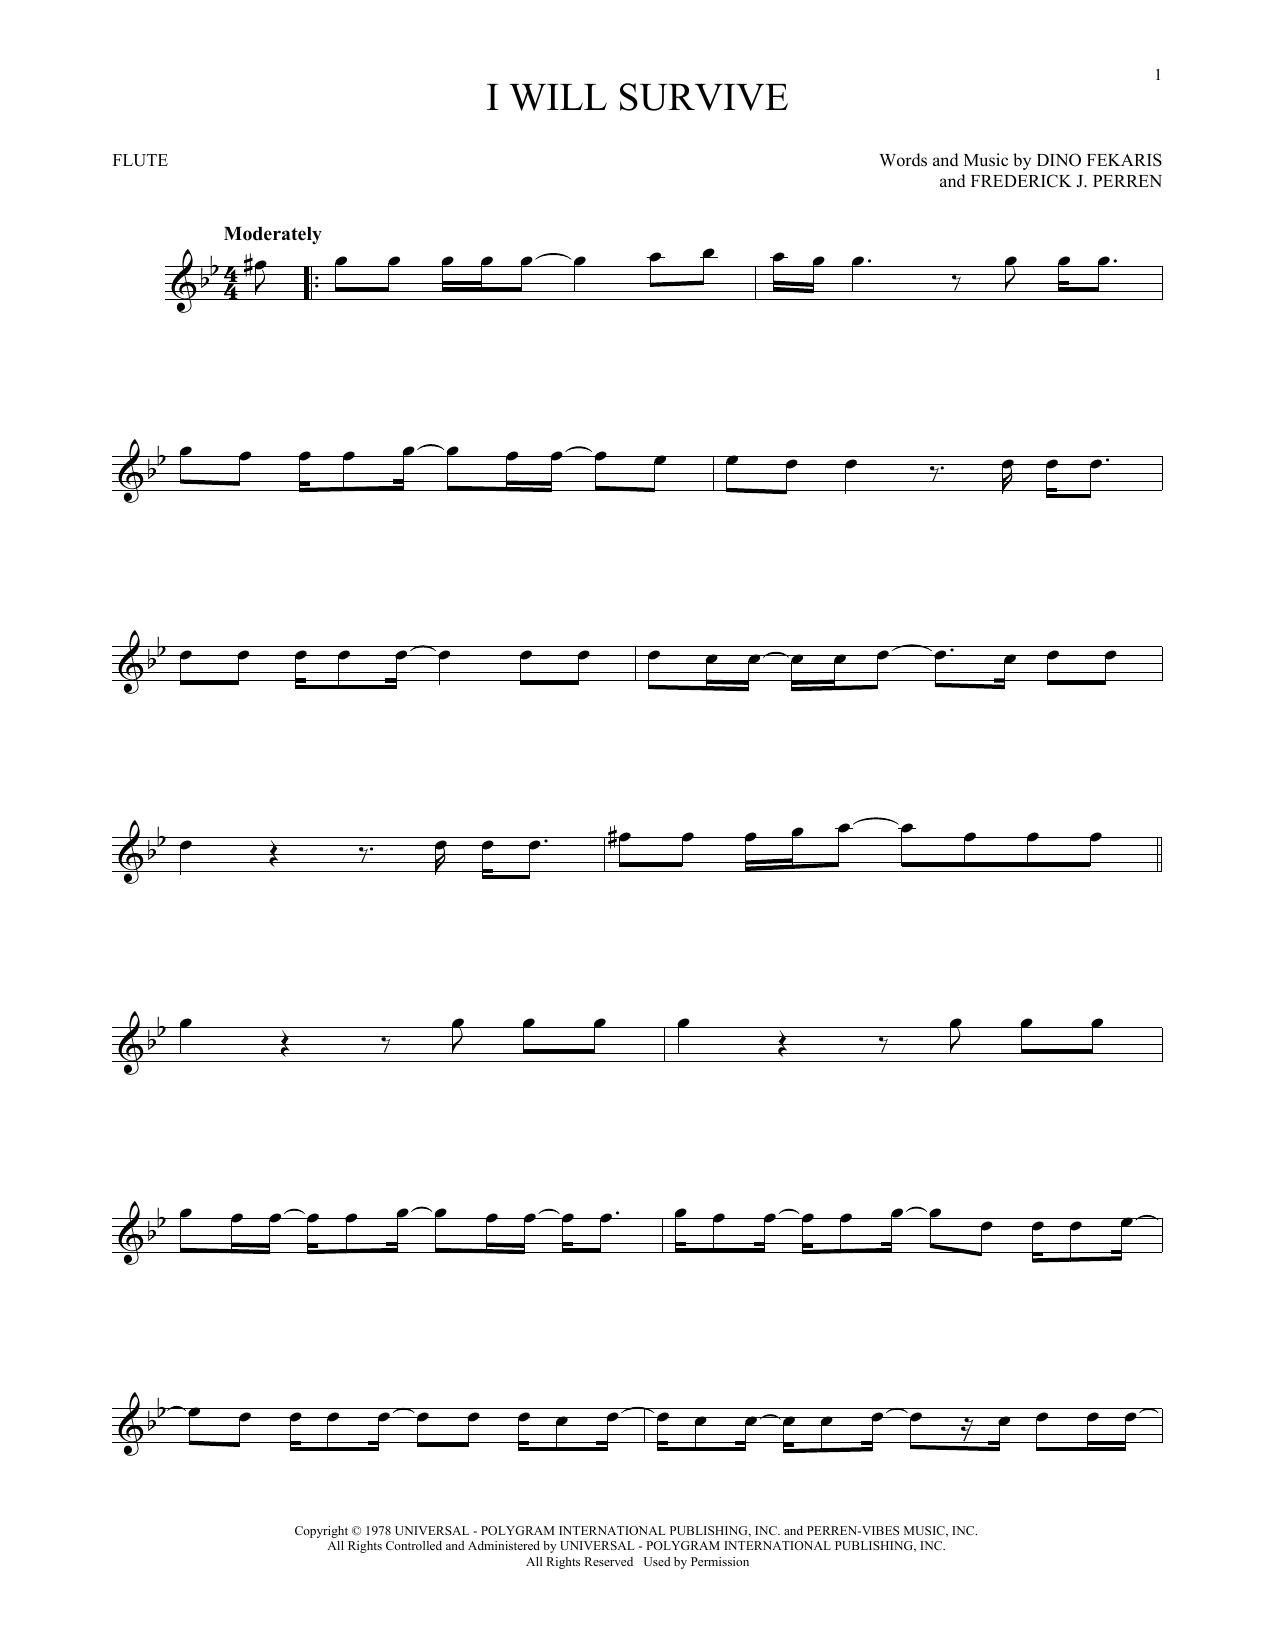 I Will Survive (Flute Solo)